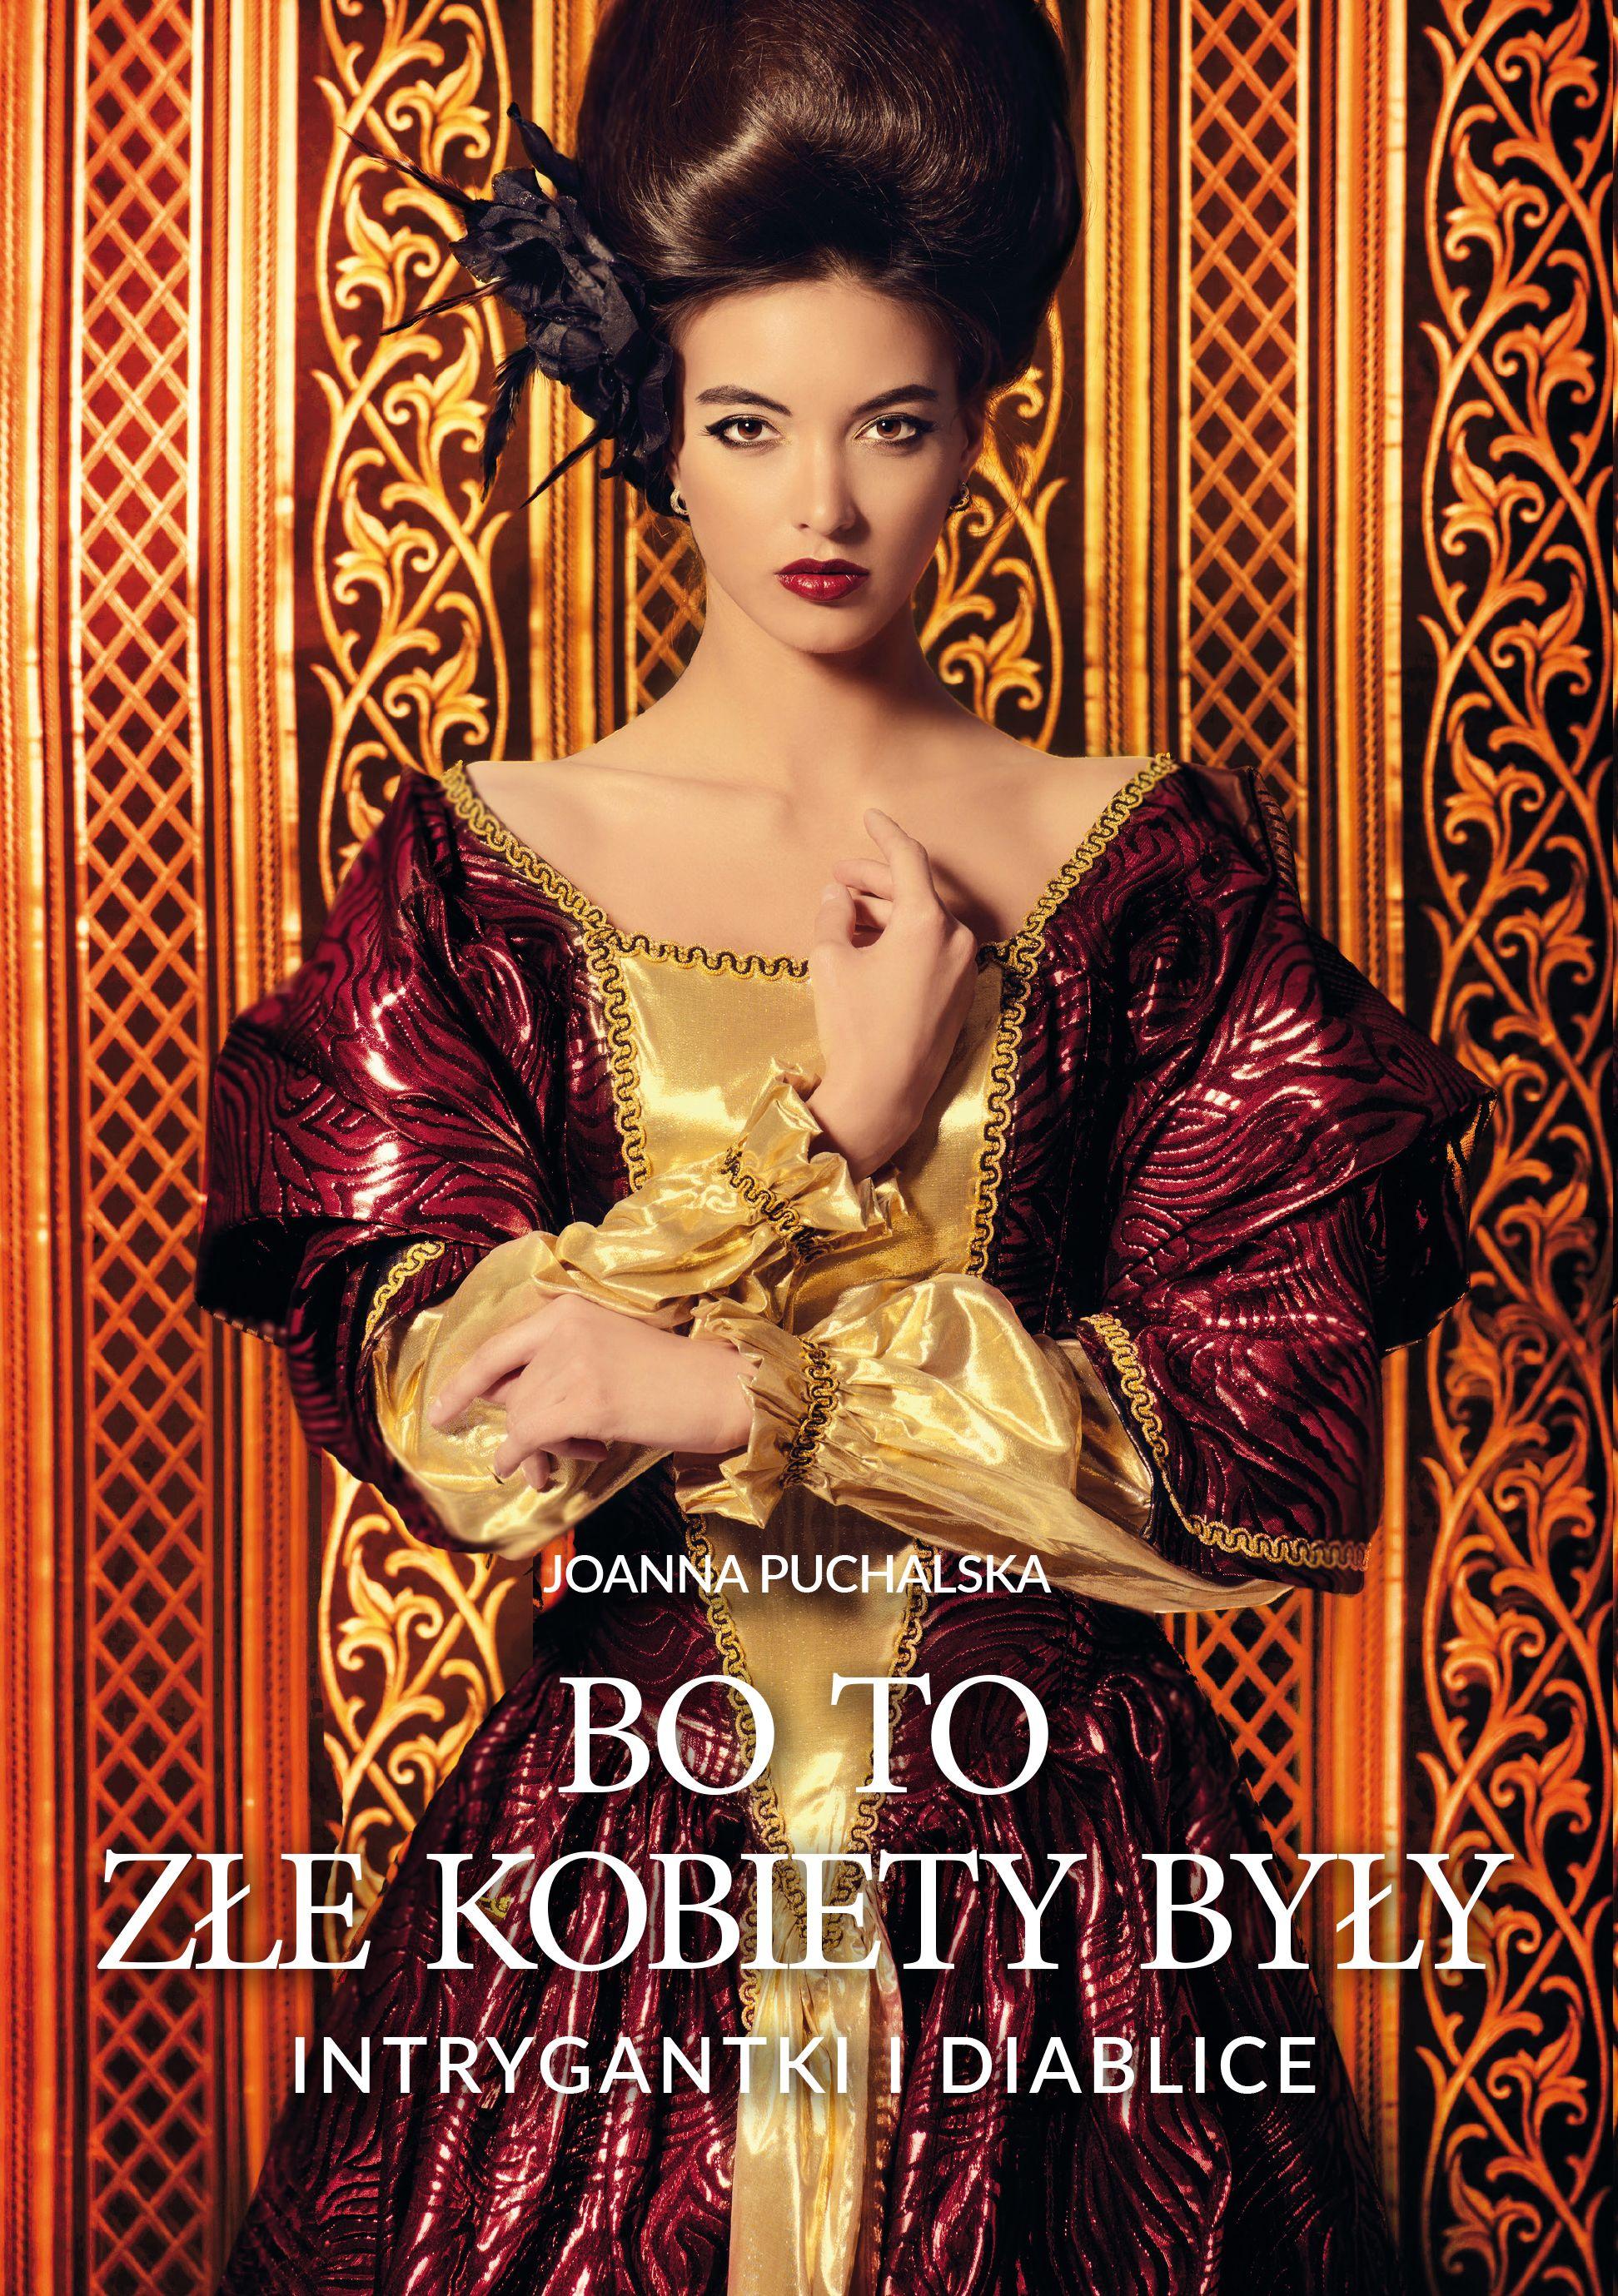 """Artykuł powstał z inspiracji książką Joanny Puchalskiej """"Bo to złe kobiety były. Intrygantki i diablice"""" (Wydawnictwo Fronda 2017)."""